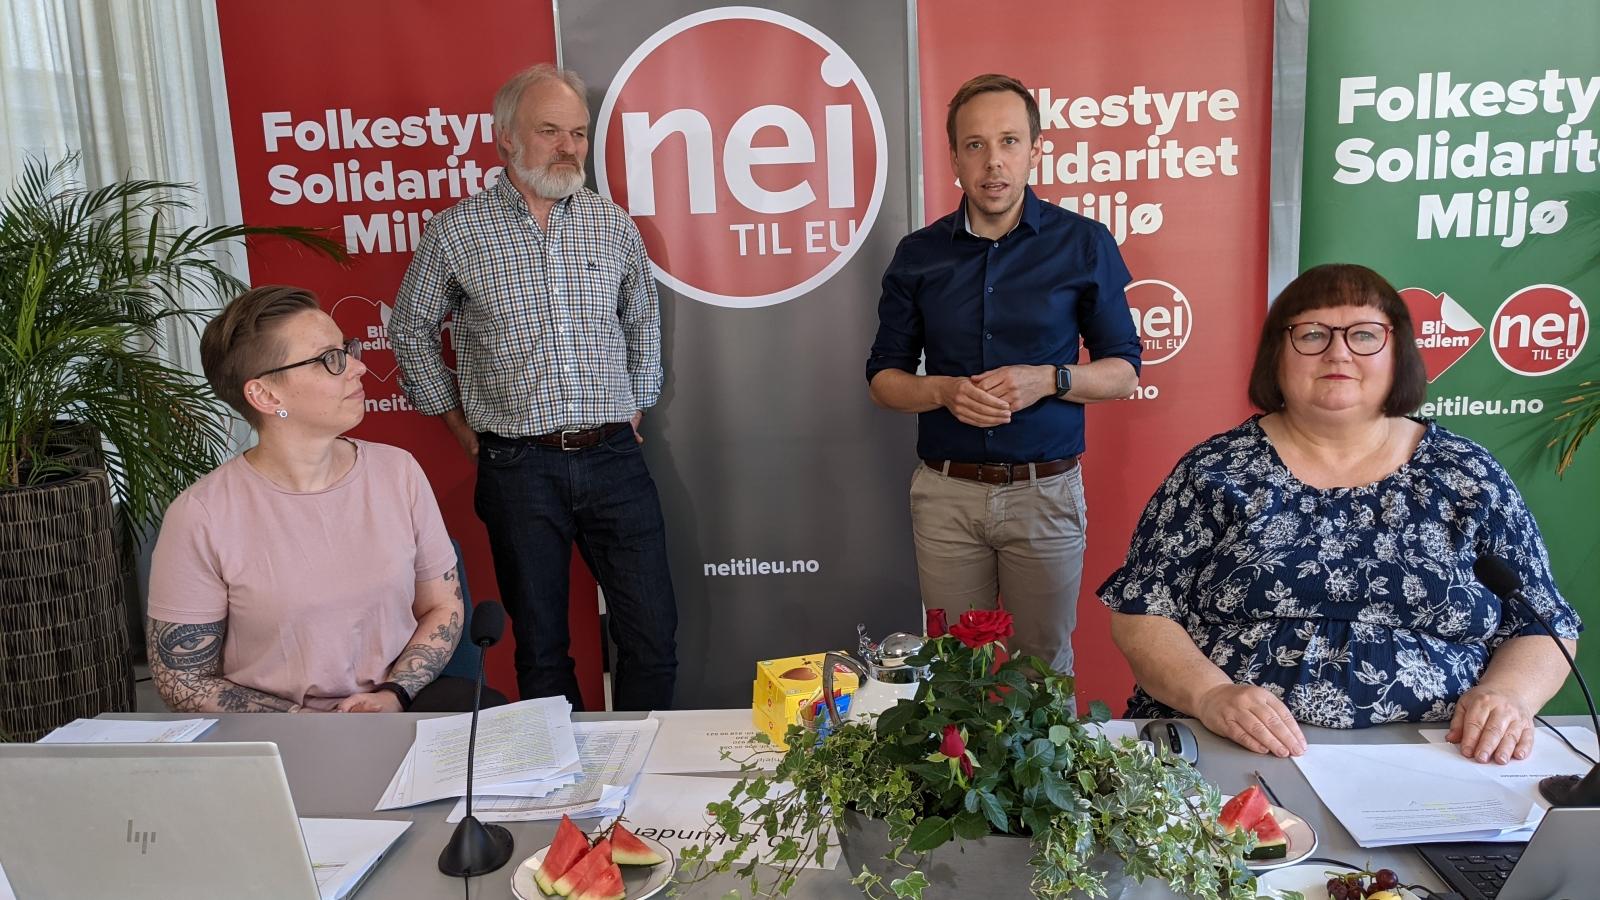 Rådsmøte 5. juni 2021 vedtok en tydelig uttalelse mot rasisme og høyreekstremisme. Fra venstre Hilde Loftesnes Nylén, nestleder Einar Frogner, generalsekretær Thomas Haug og Heidi Larsen.